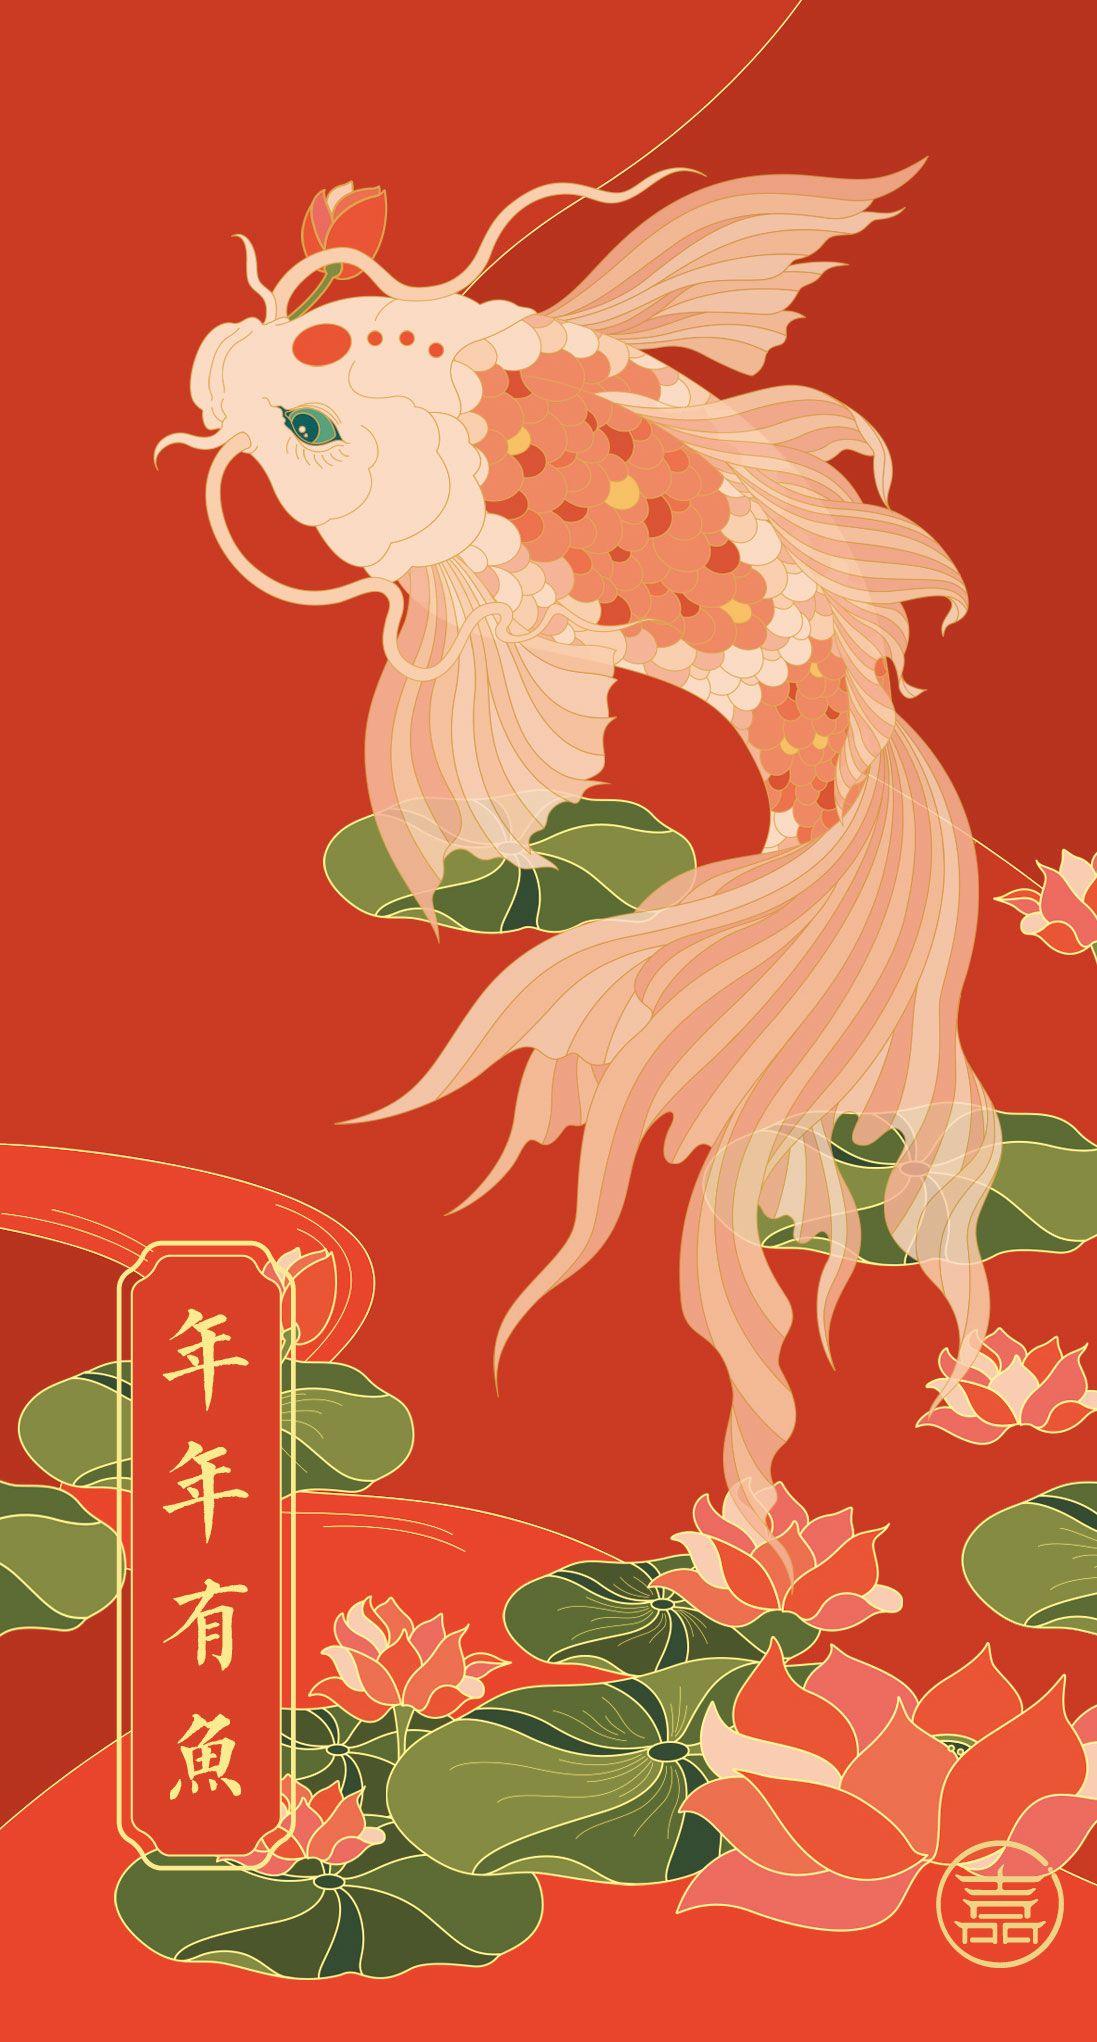 利是封-【瑞兽送福】_鲤小匠__插画师作品_涂鸦王国gracg.com